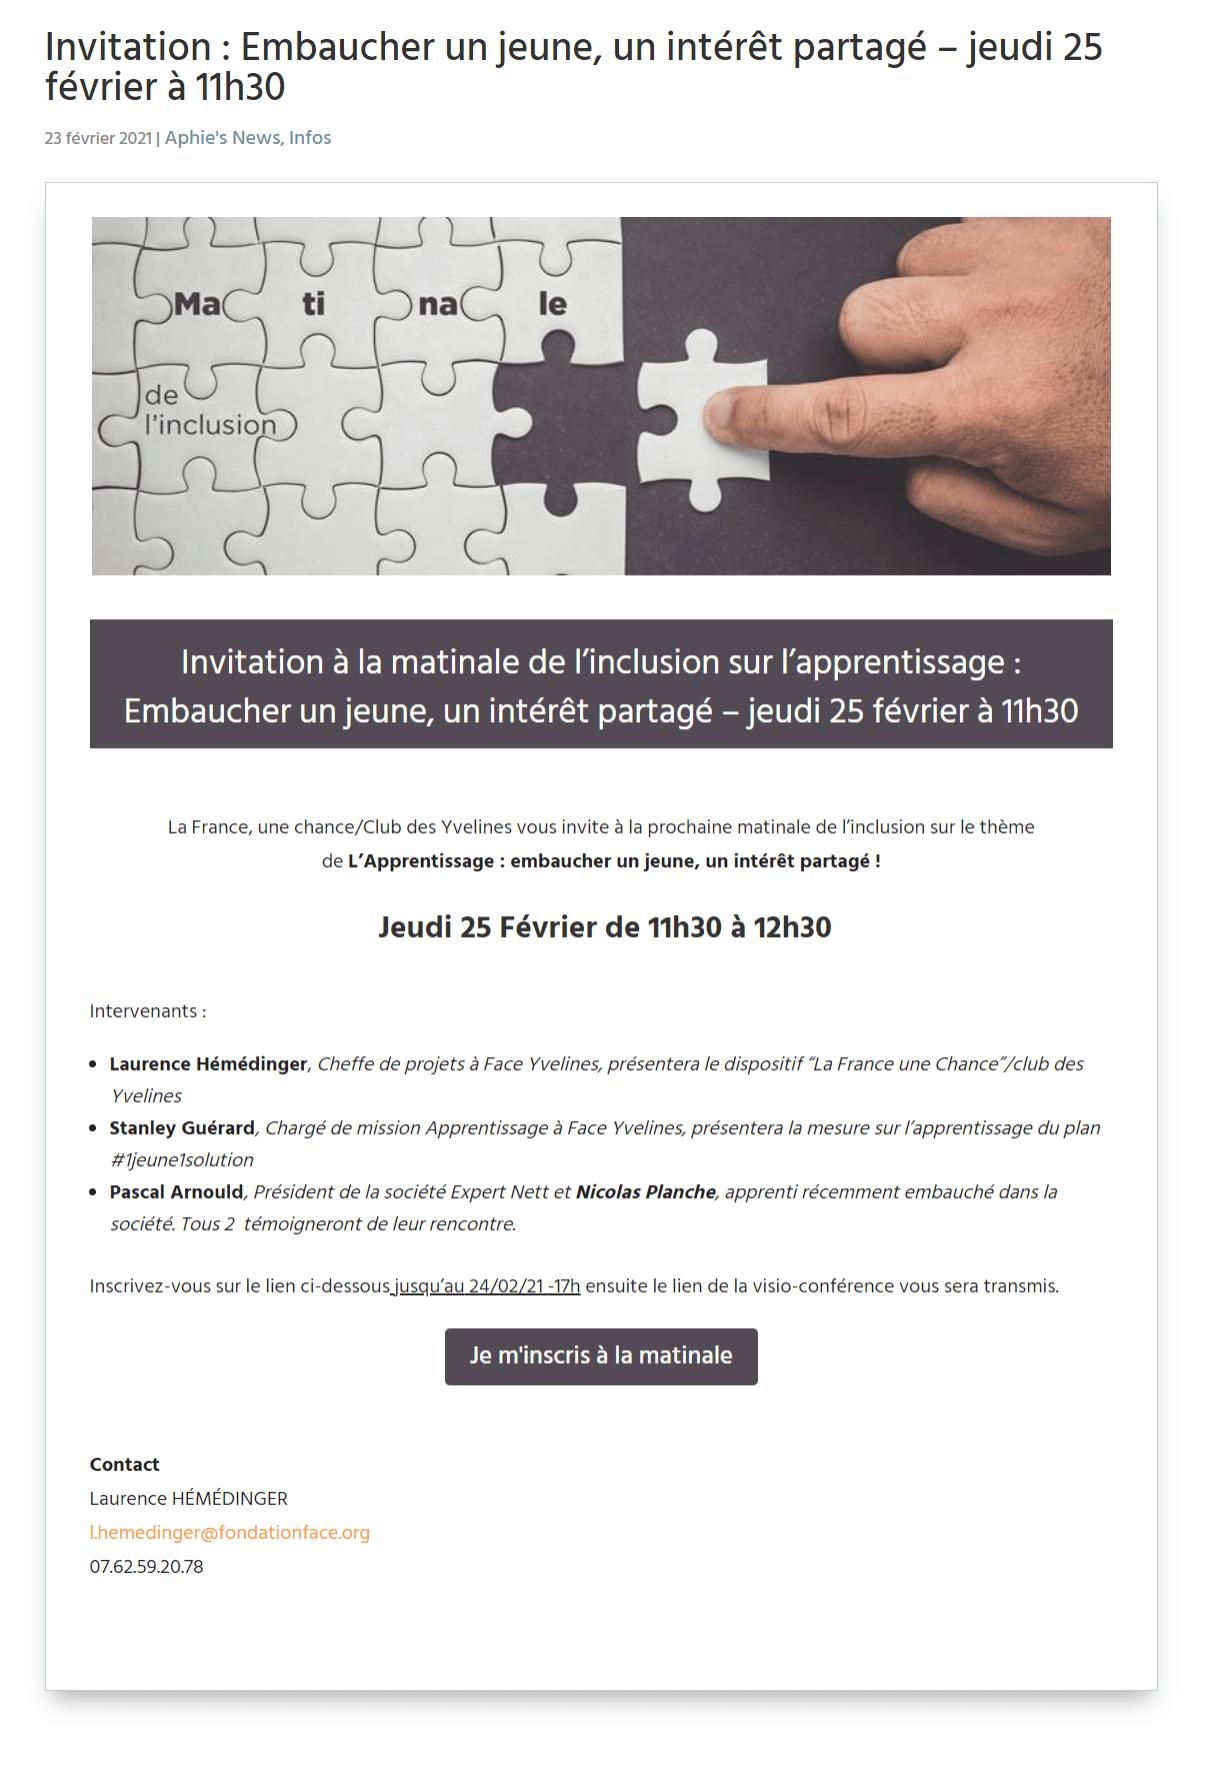 Invitation : Embaucher un jeune, un intérêt partagé – jeudi 25 février 2021 à 11h30